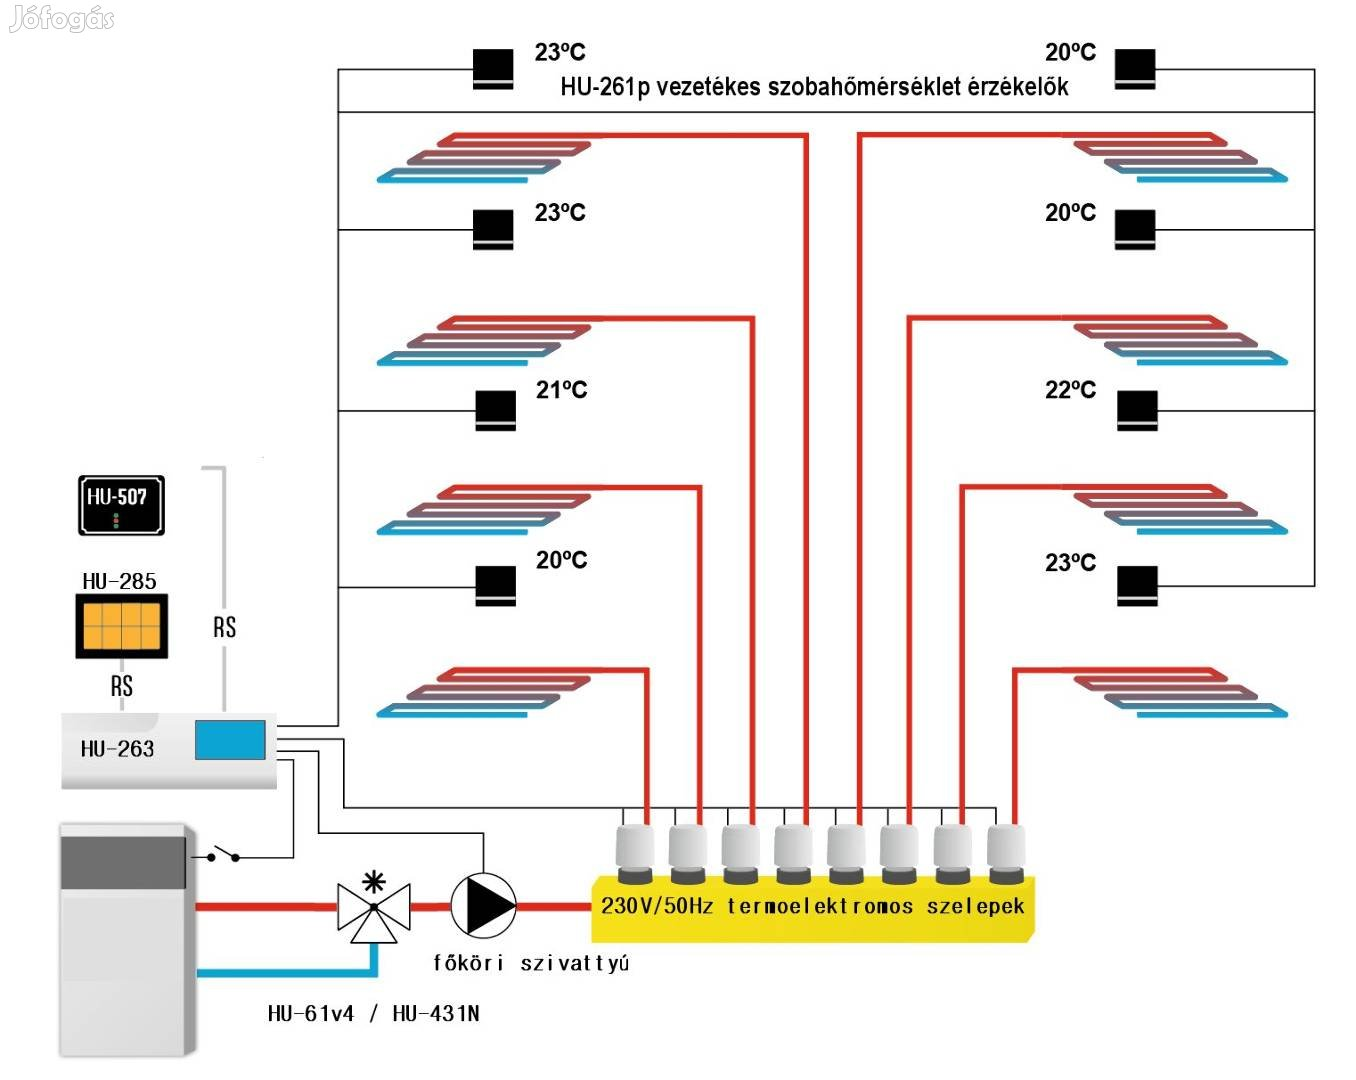 Fűtés zónavezérlés HU-264, rádiós szobatermosztát, internetes elérés